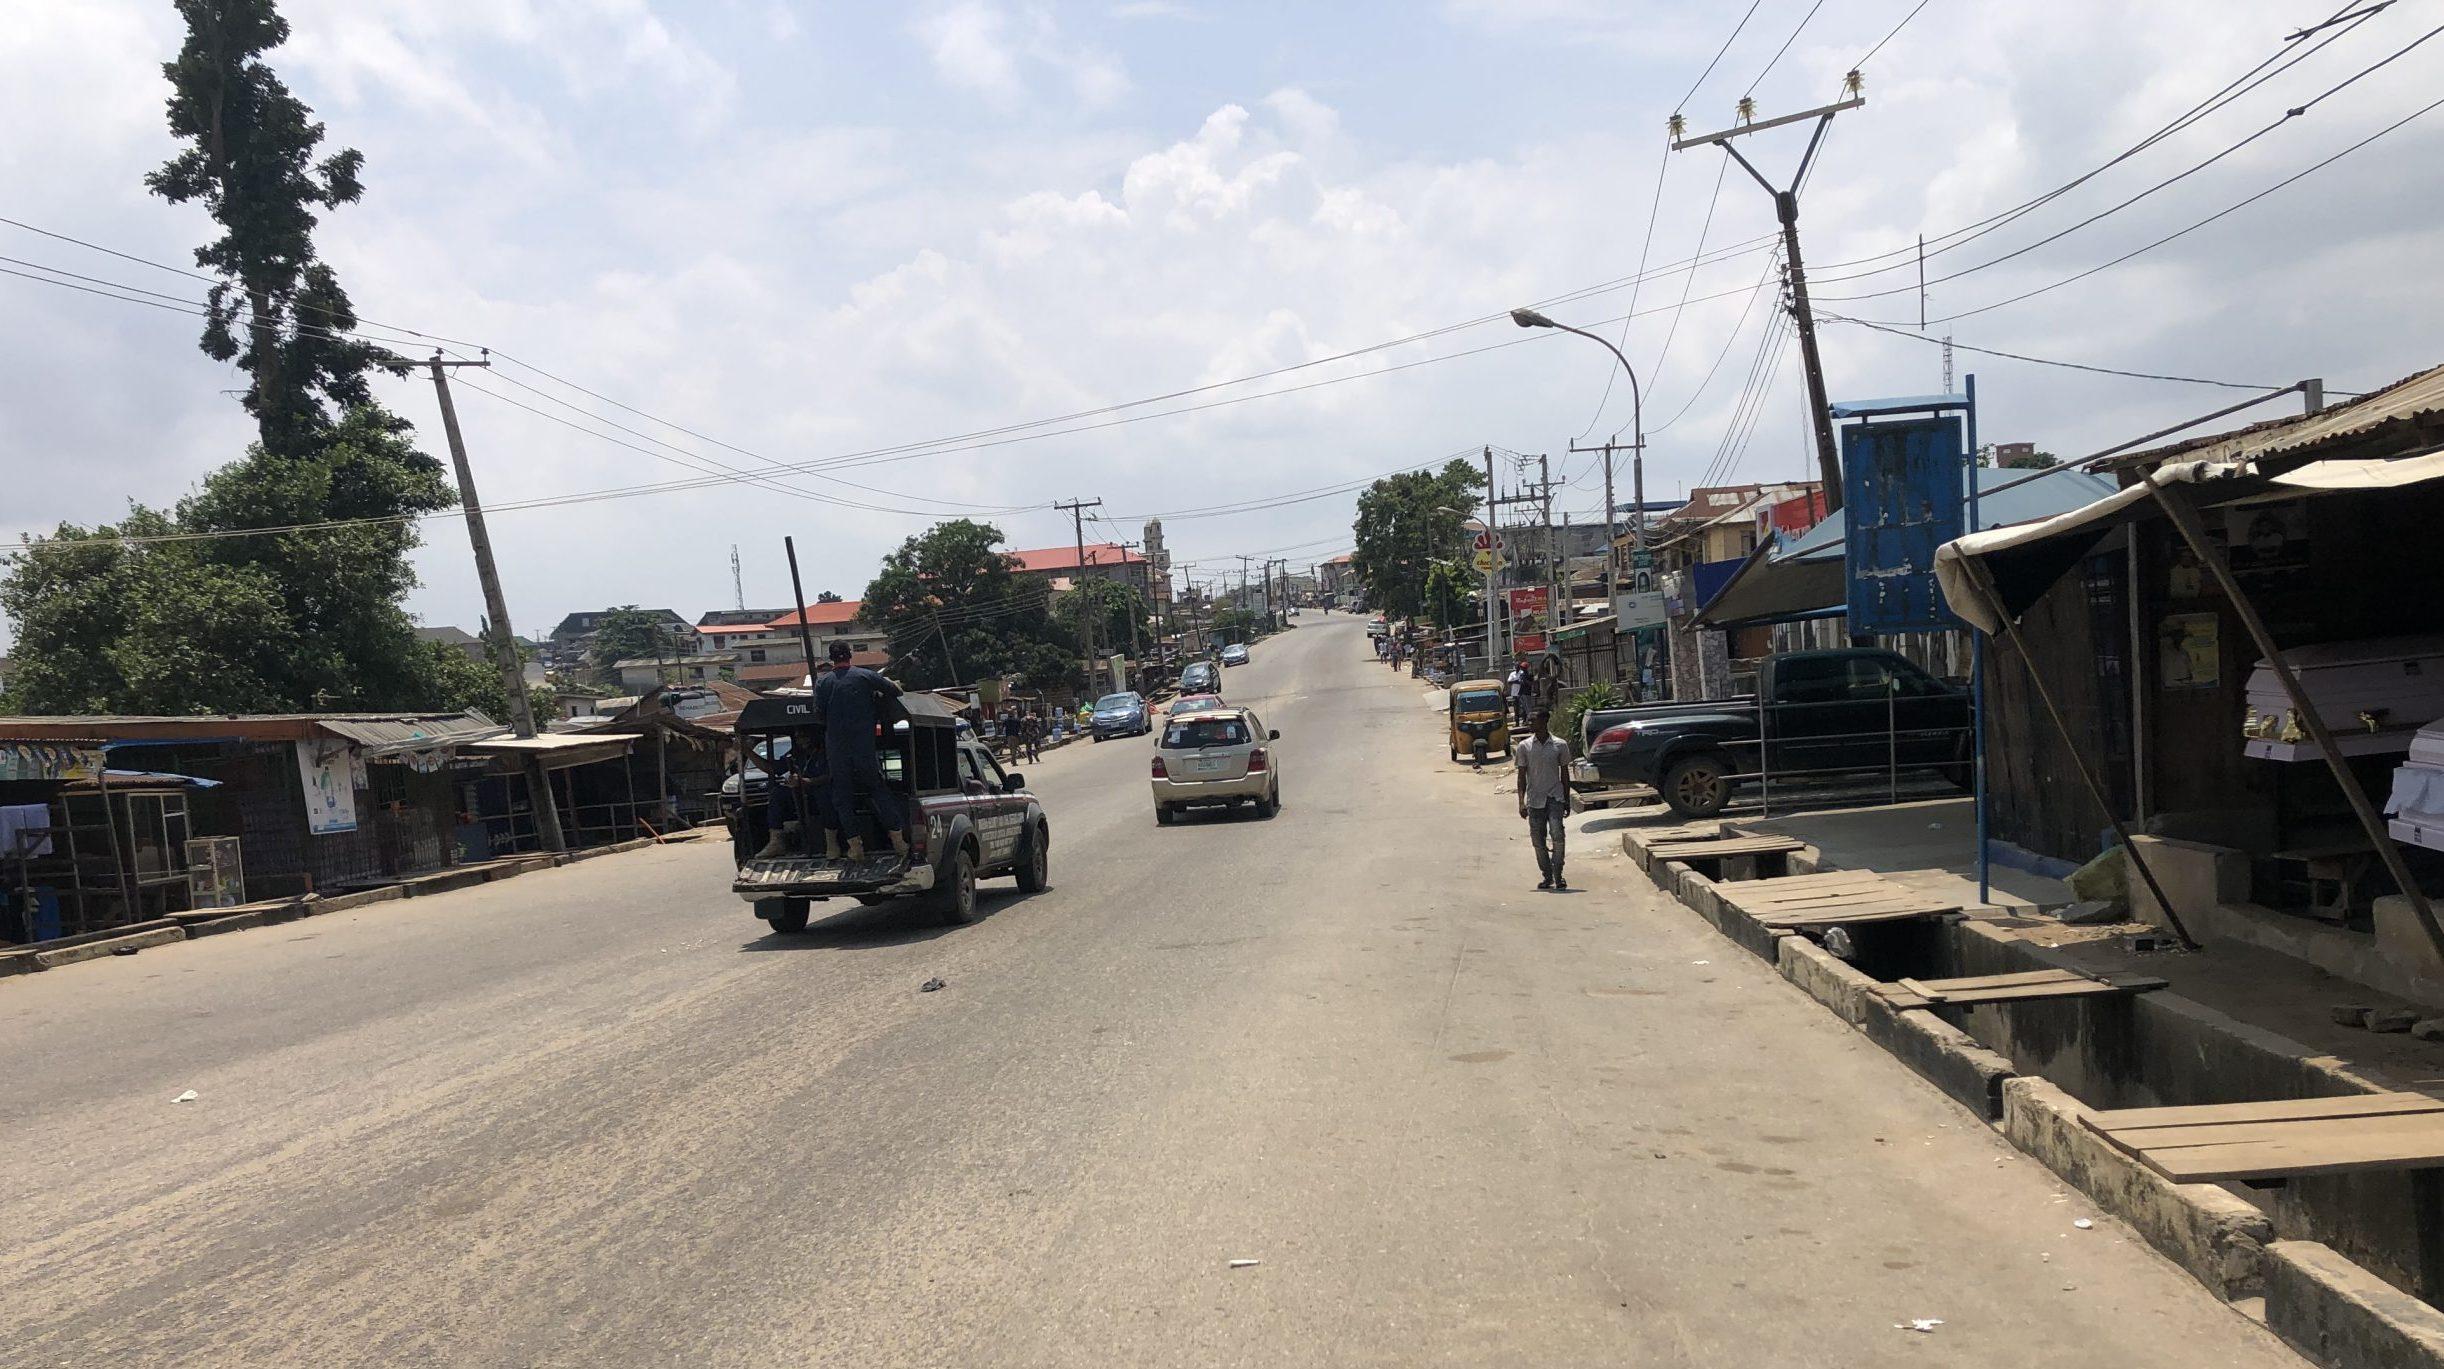 Deserted street in Ikorodu as van of NSCDC patrols across polling units